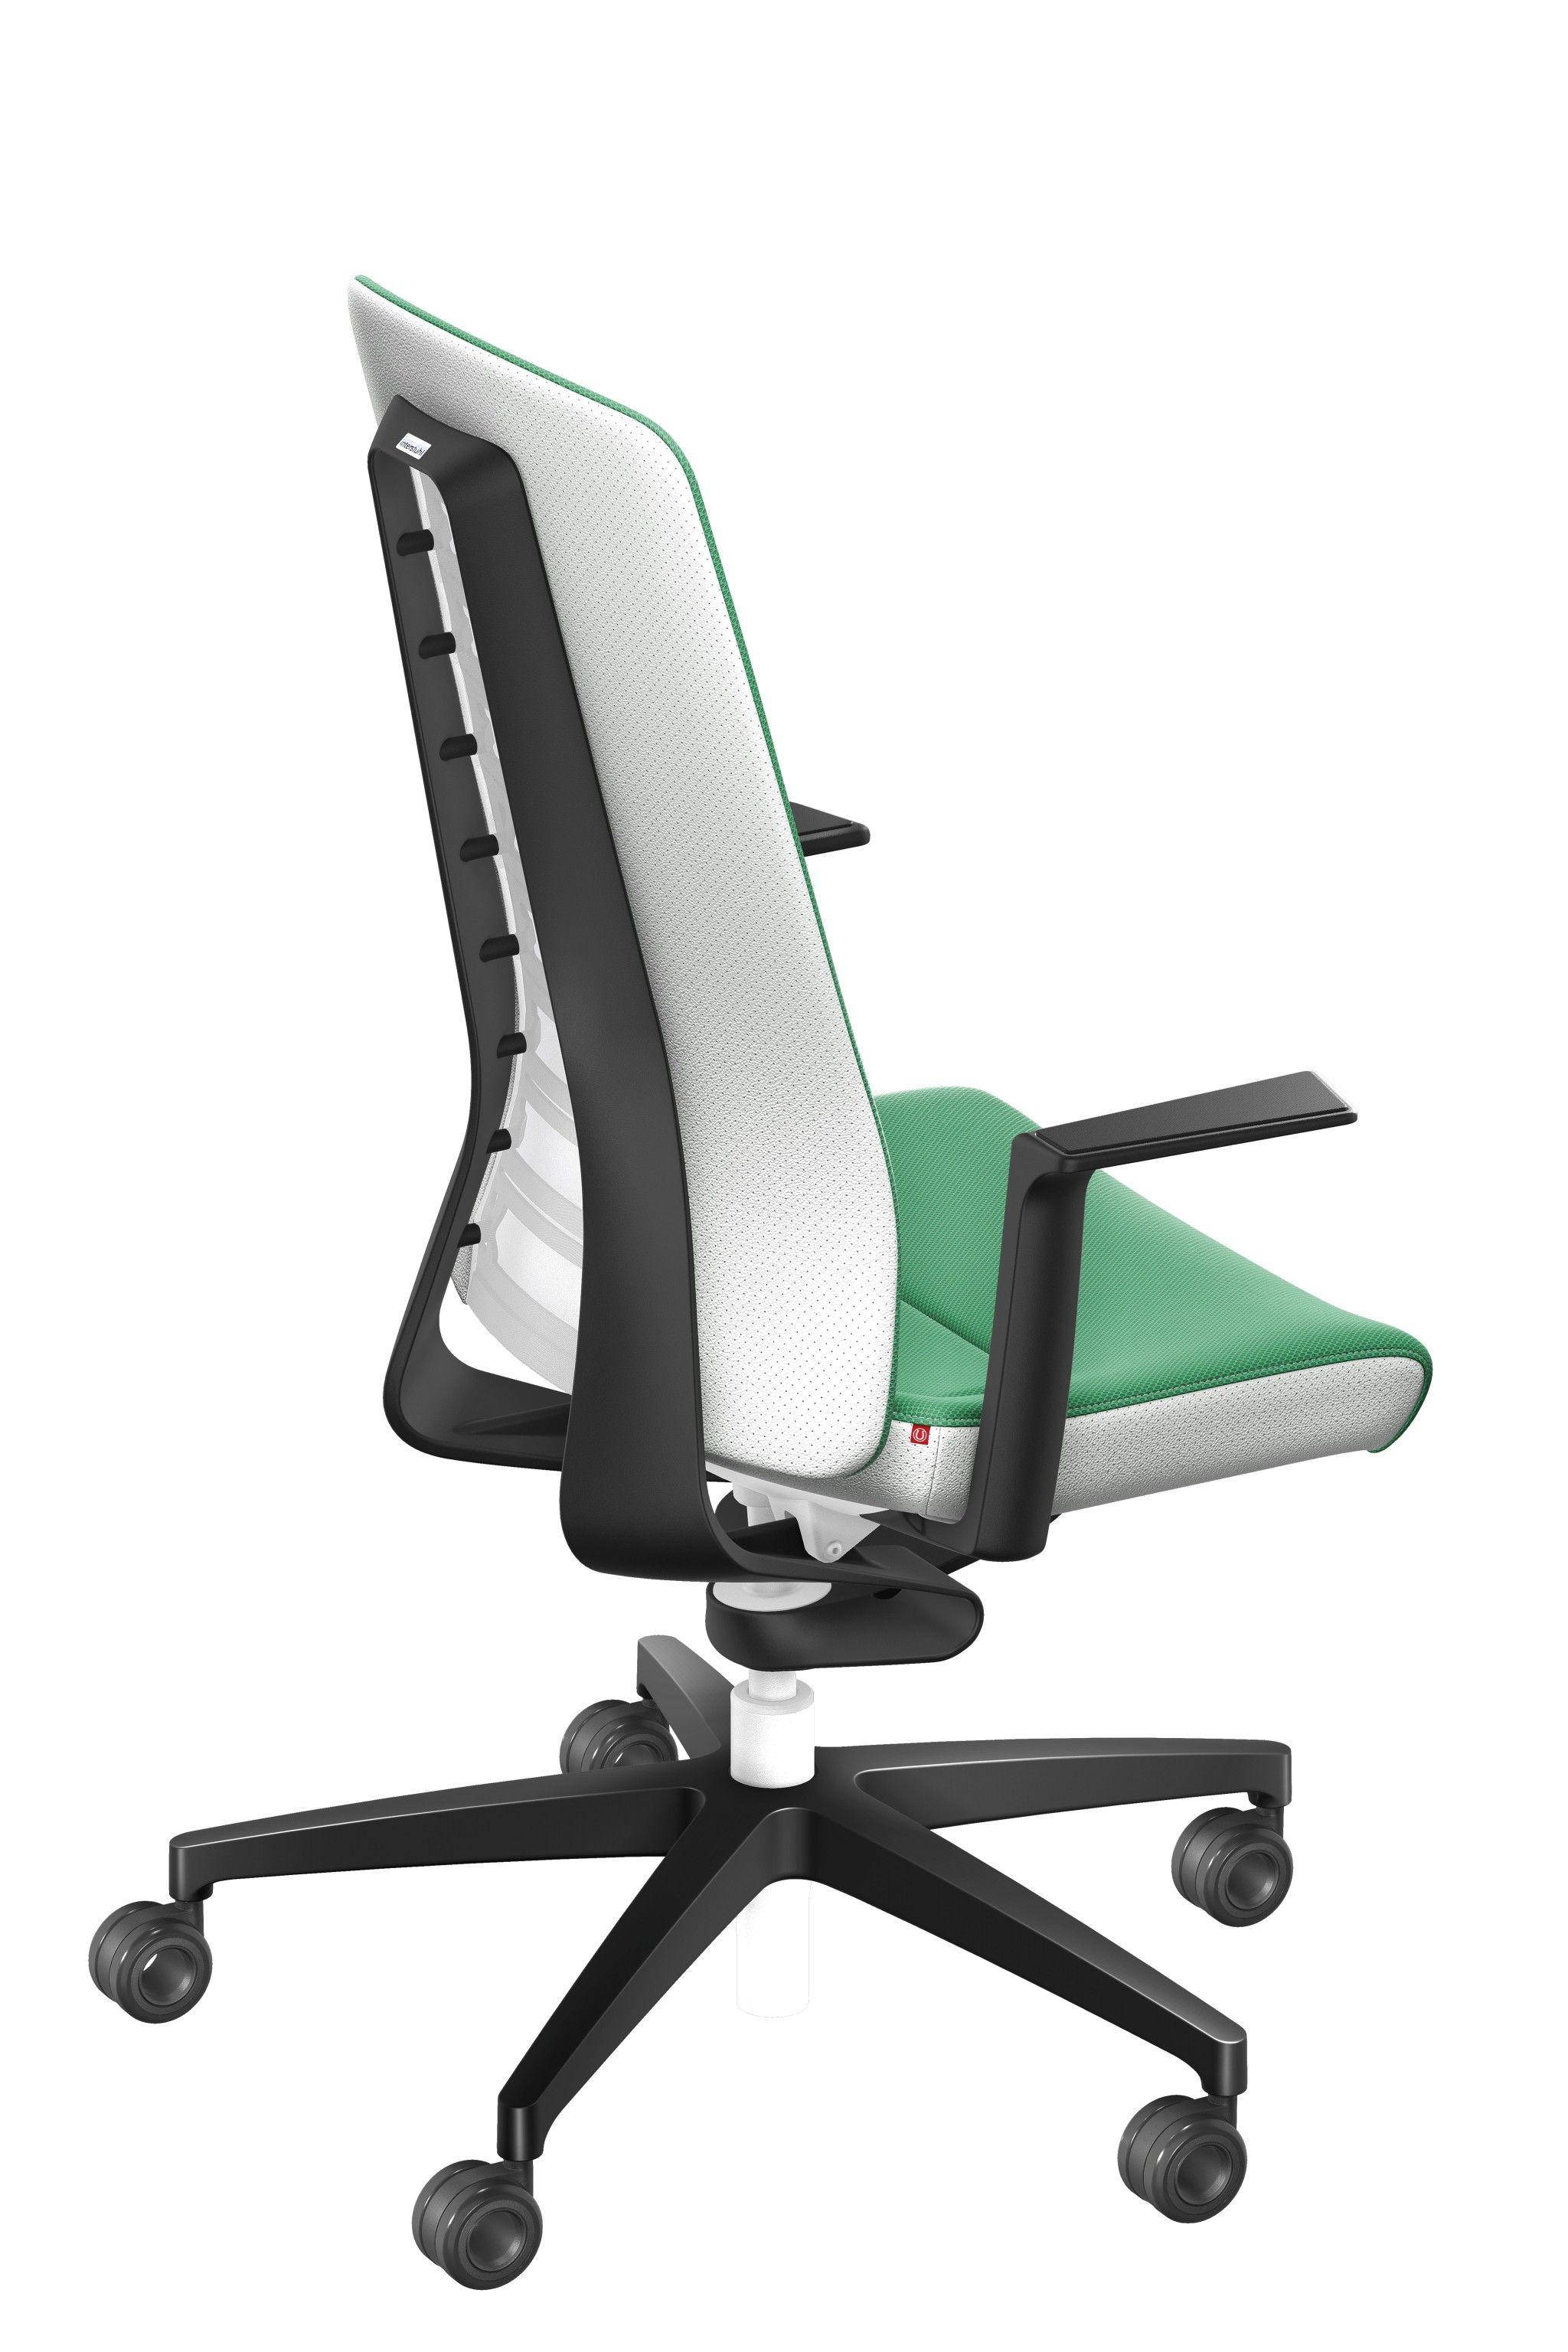 Schreibtischstuhl Green White Pure Fashion Edition Burostuhl Von Interstuhl Burostuhl Schreibtischstuhl Ergonomisches Sitzen